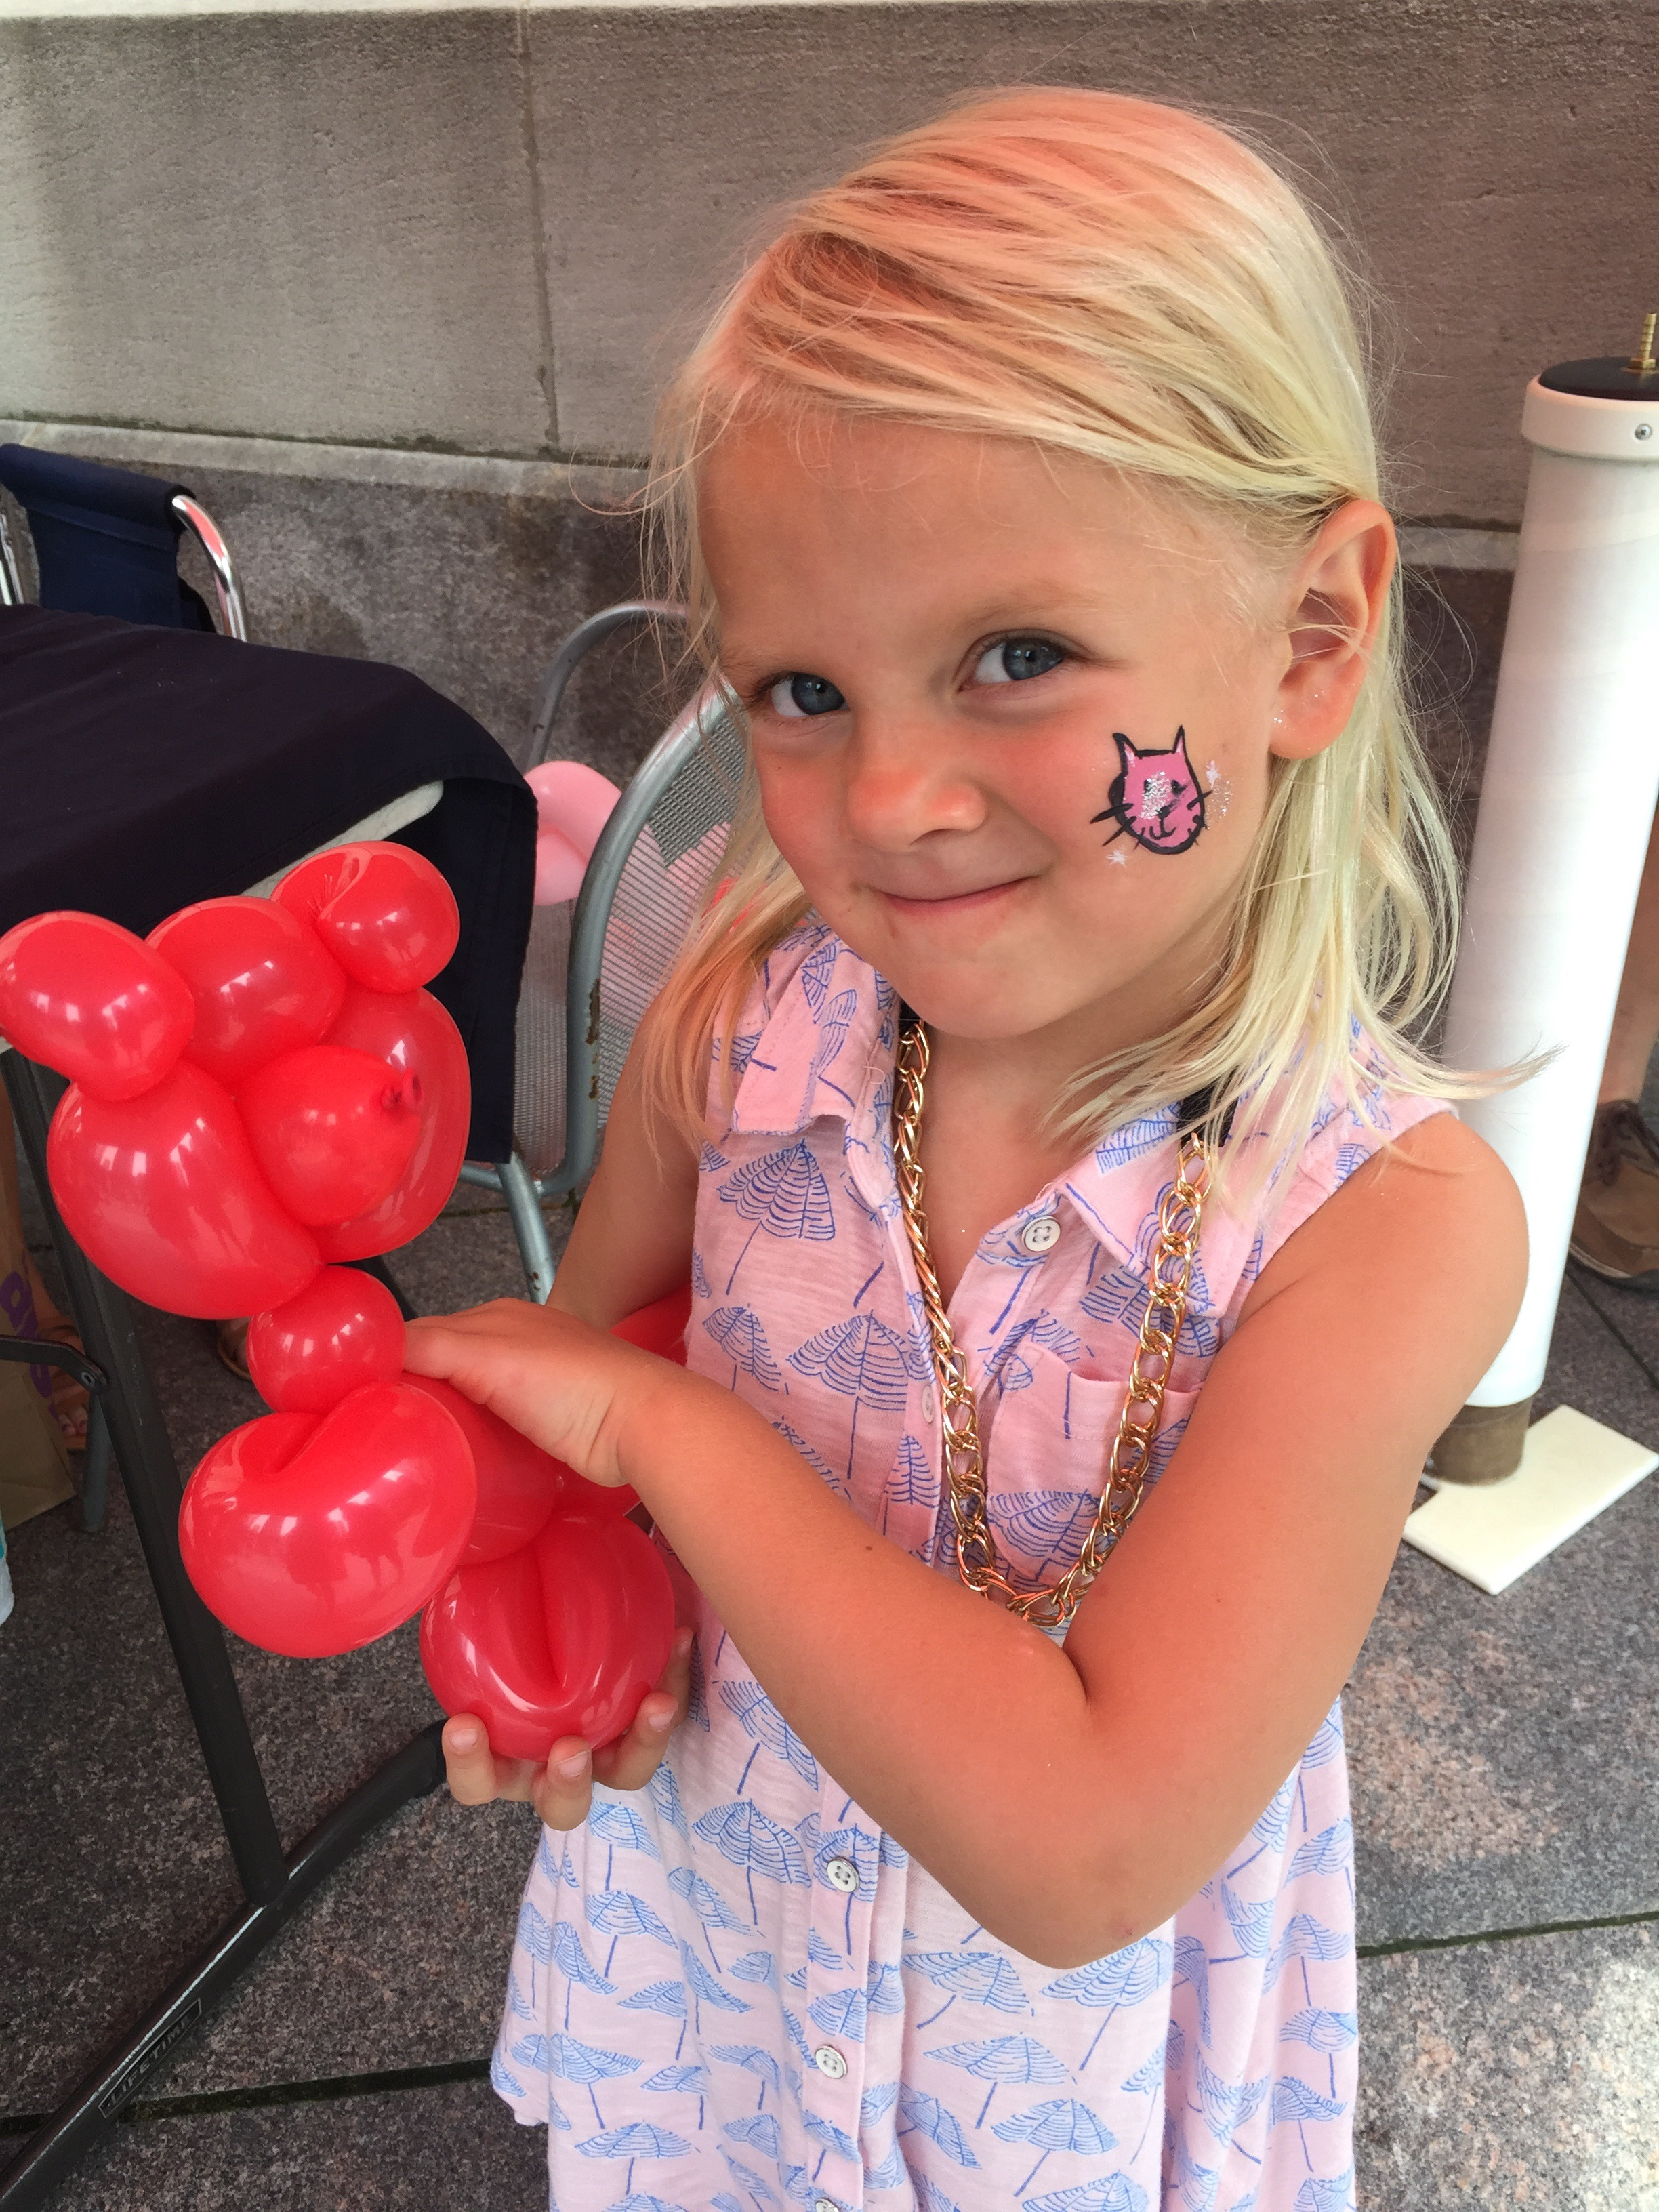 chicago riverwalk, balloon animal, face paint, mom guilt, mommy blog, chicago blogger